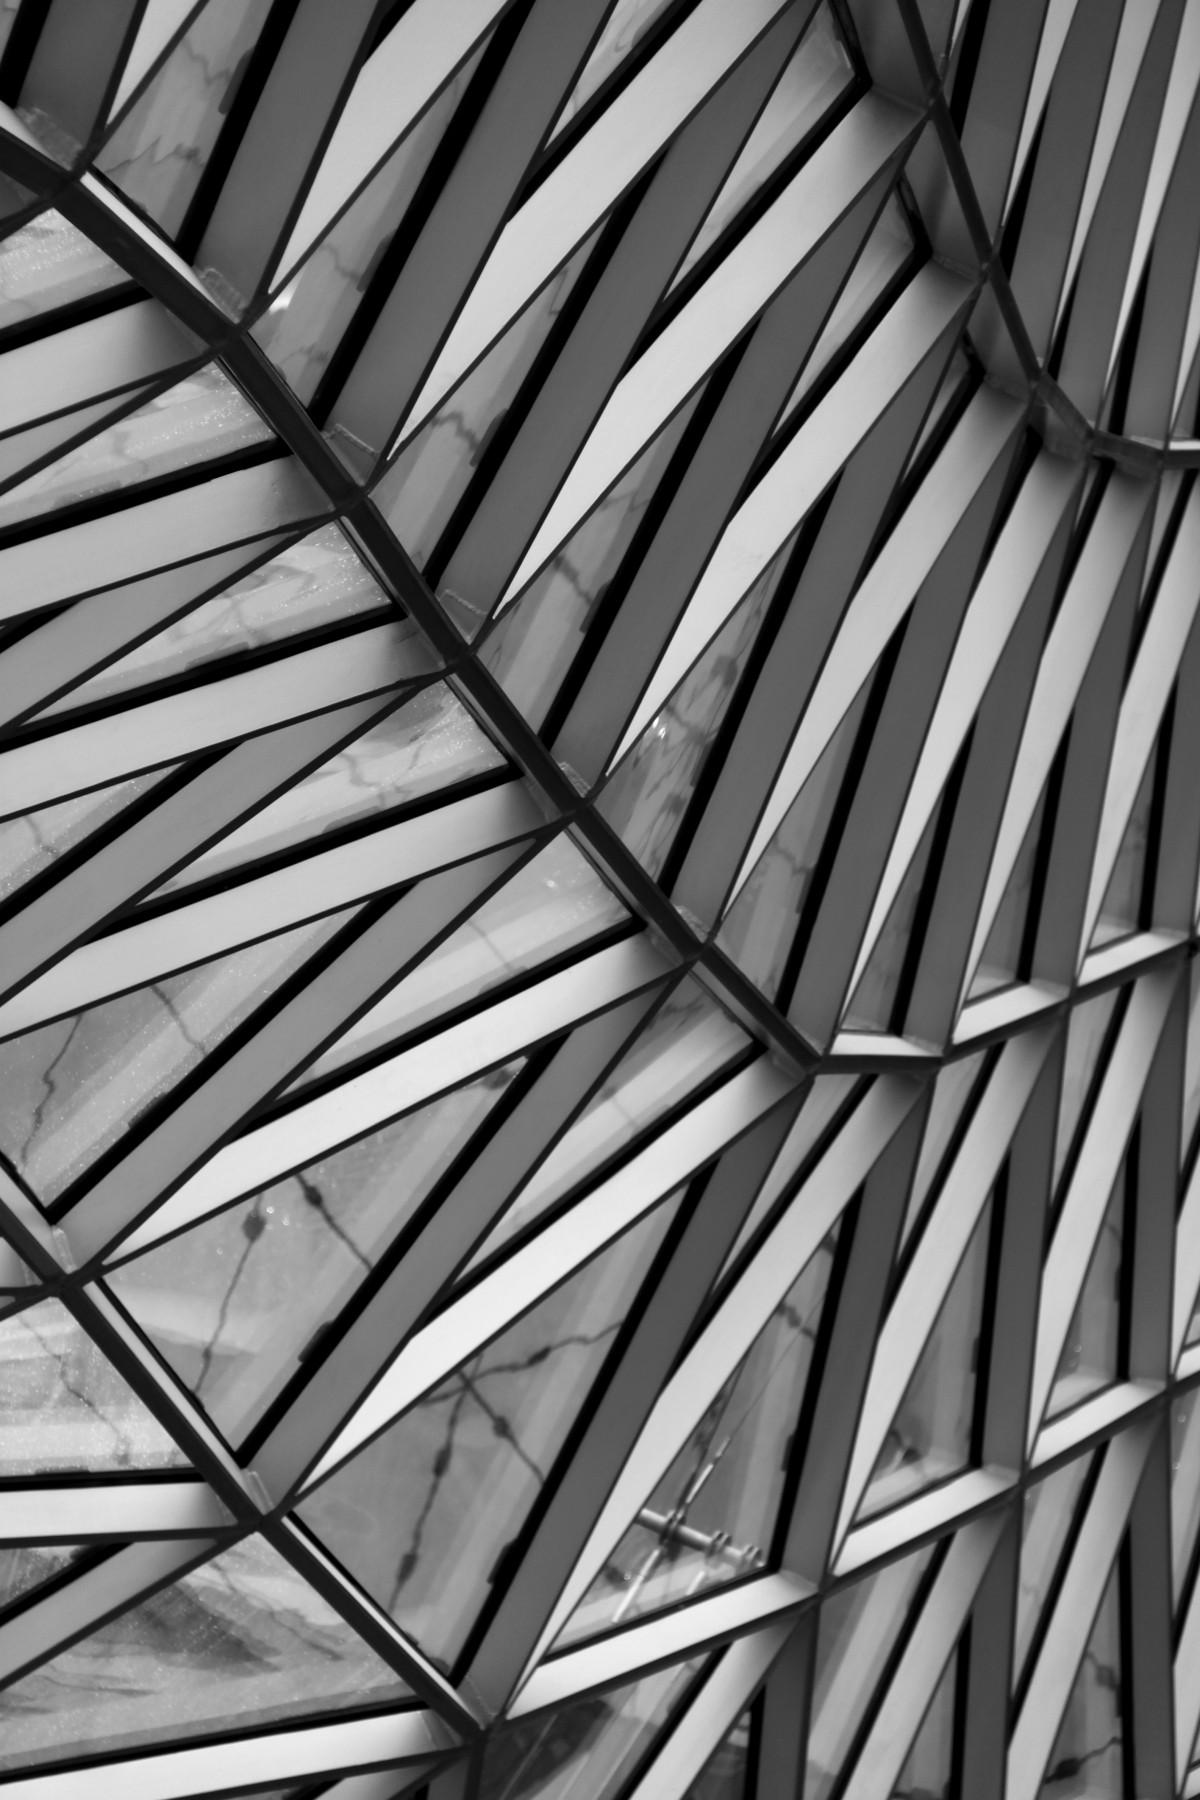 Gambar Hitam Dan Putih Arsitektur Spiral Pencakar